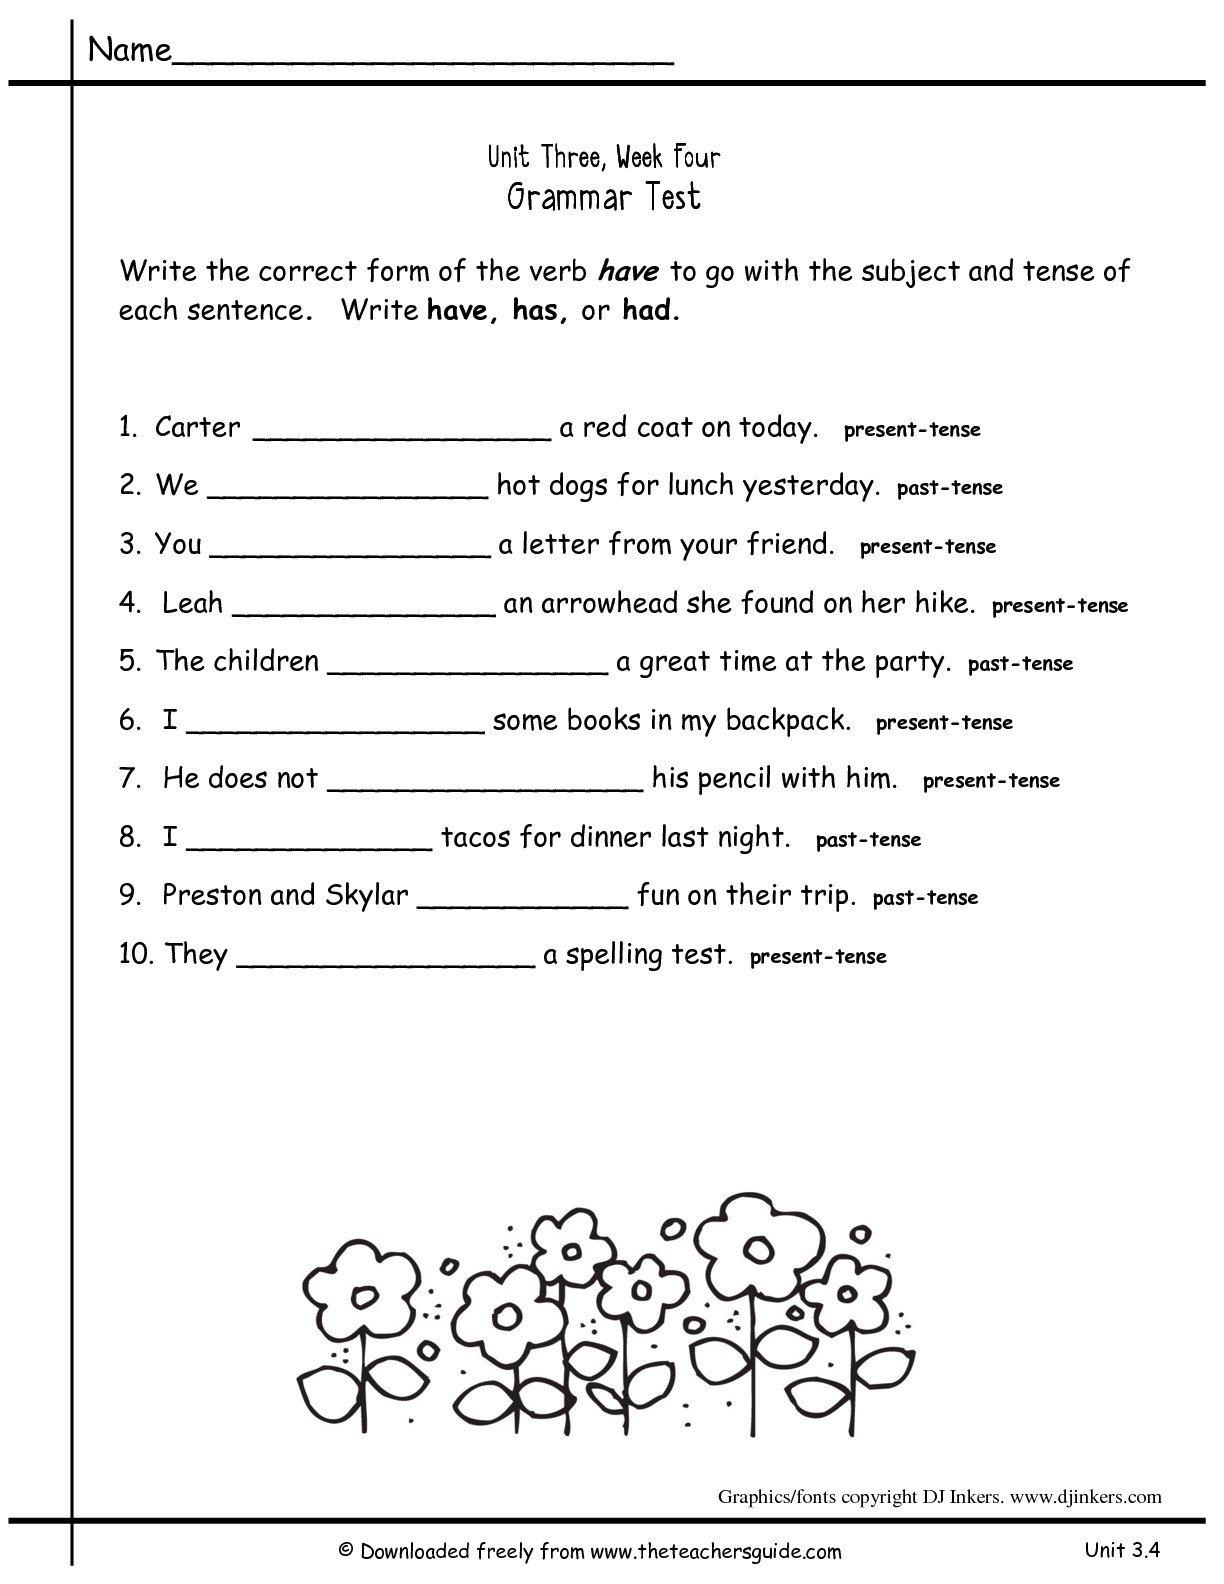 Grammar Worksheet 2nd Grade The Best Worksheets Image Collection